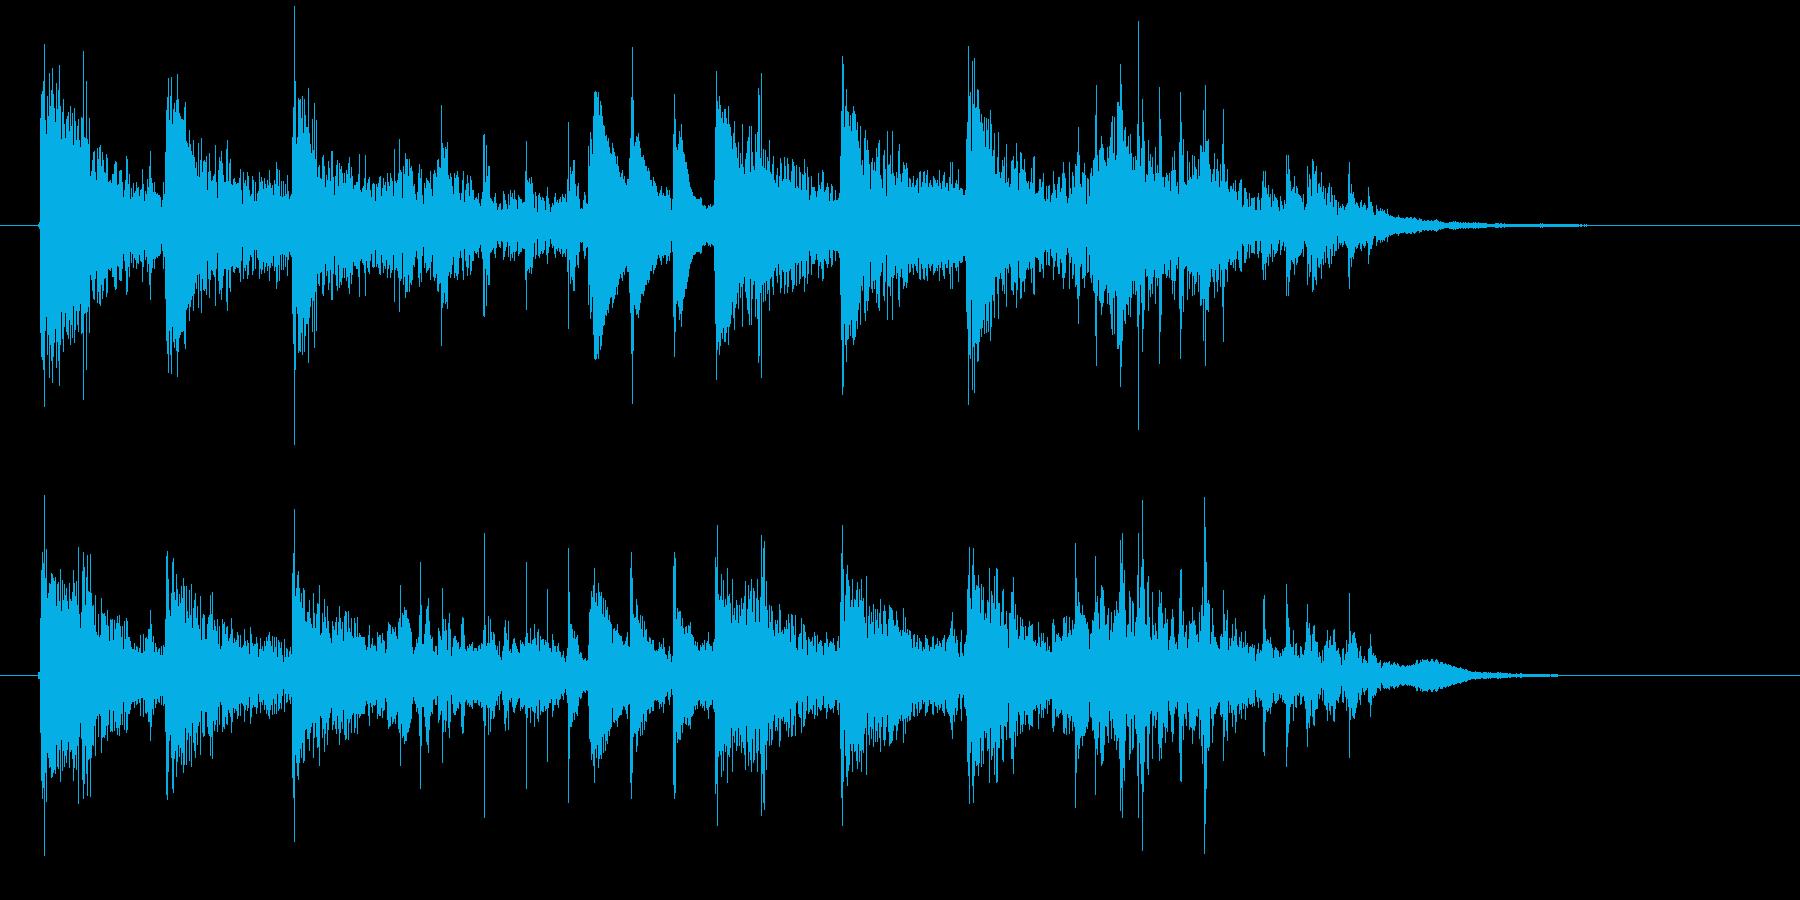 【ジングル】ピアノを中心とした幻想的な曲の再生済みの波形